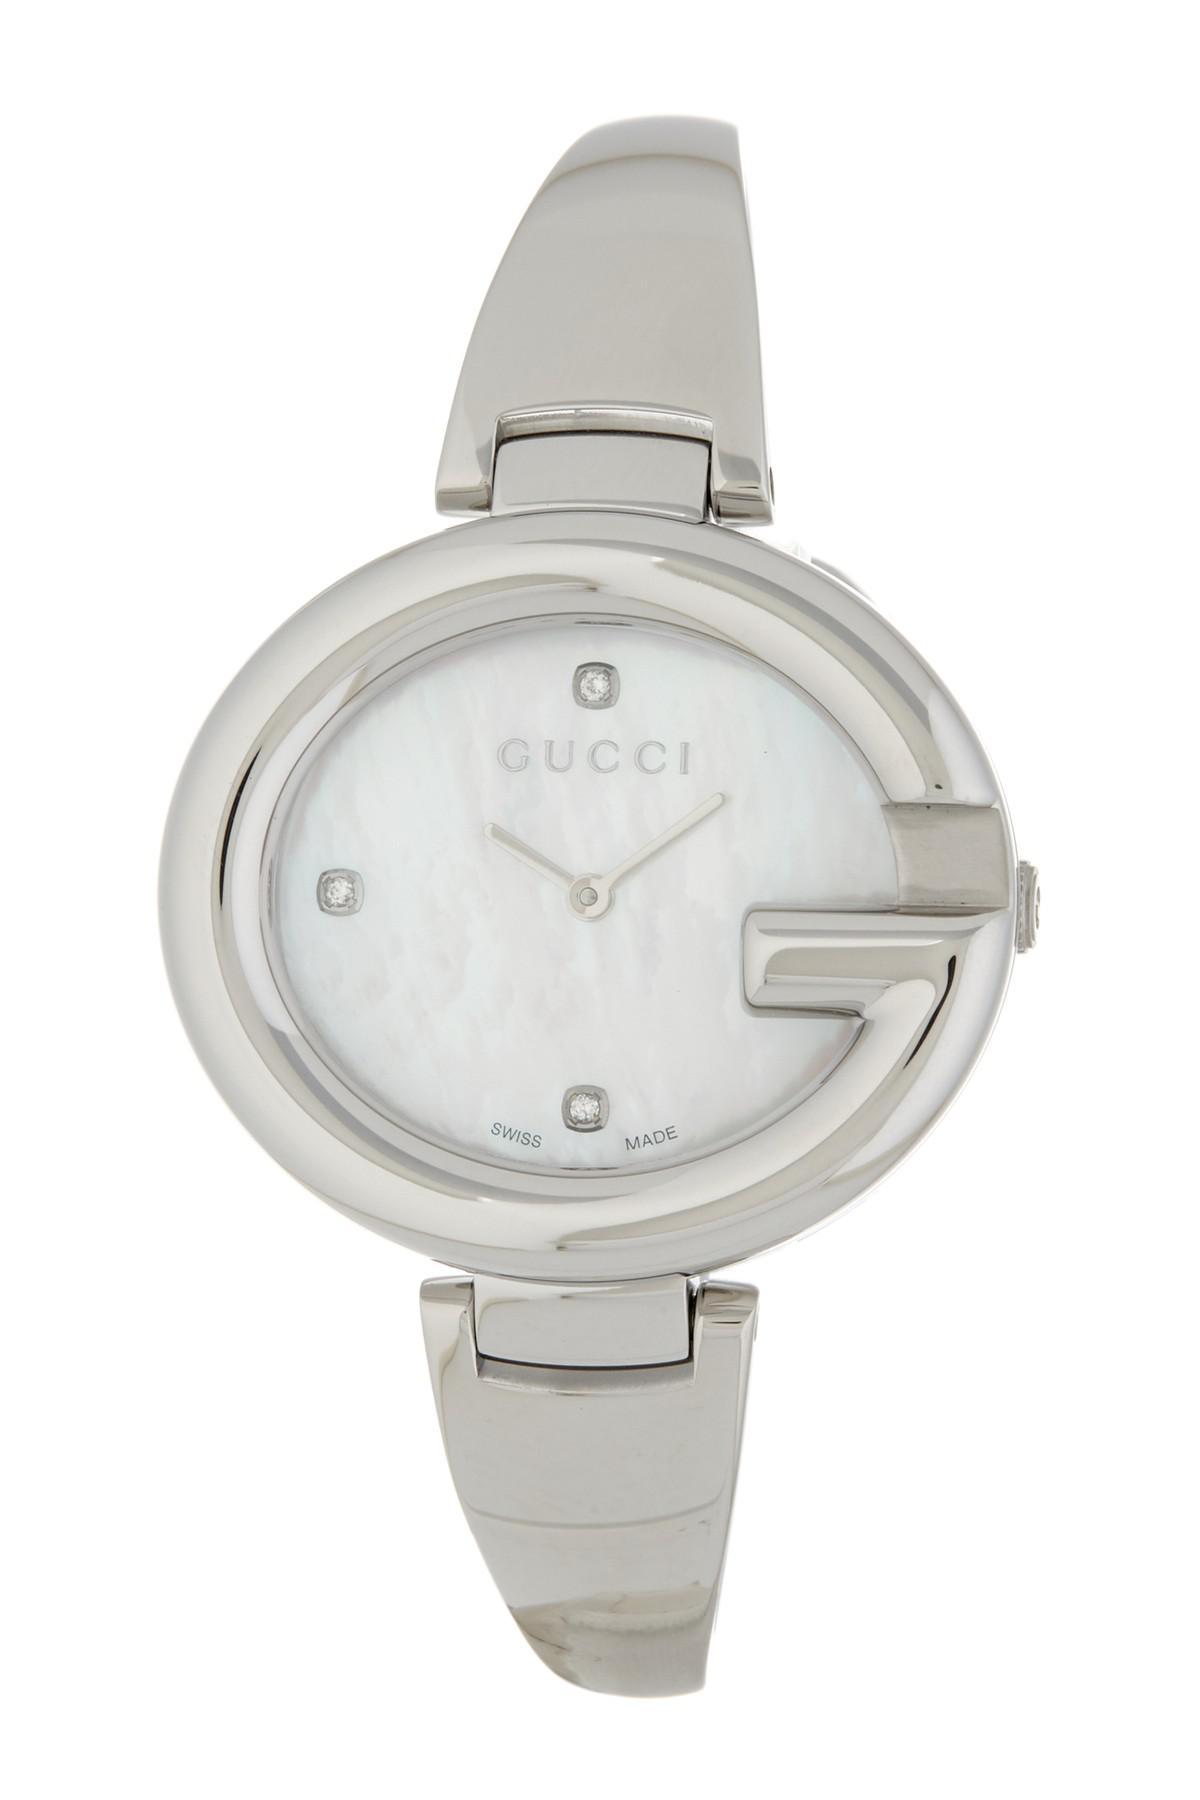 ff127f8f1d1 Gucci - Metallic Women s Ssima Diamond Marker Bangle Watch